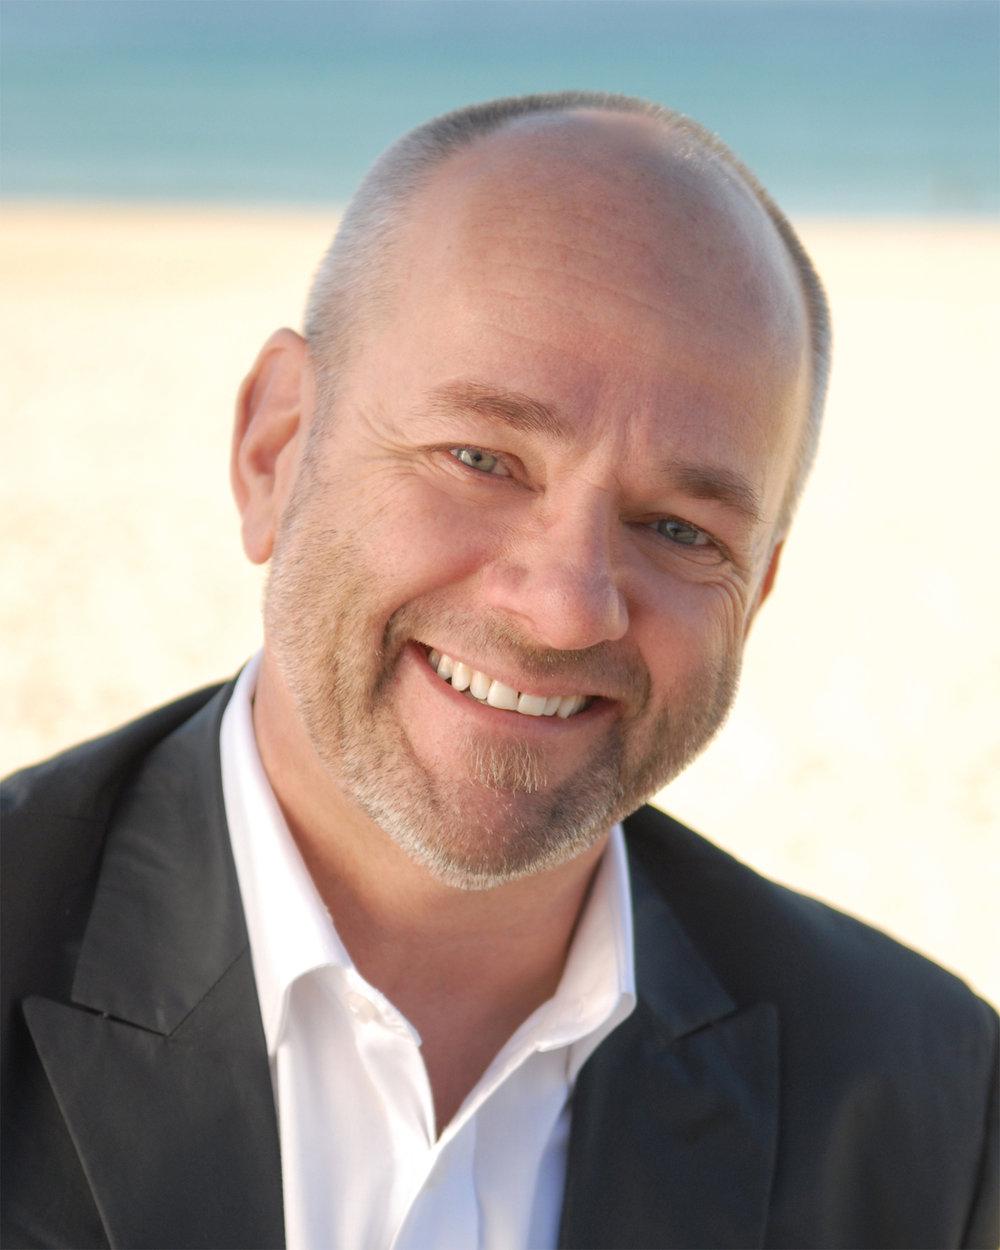 David Wilson, client - Watercooler Talent